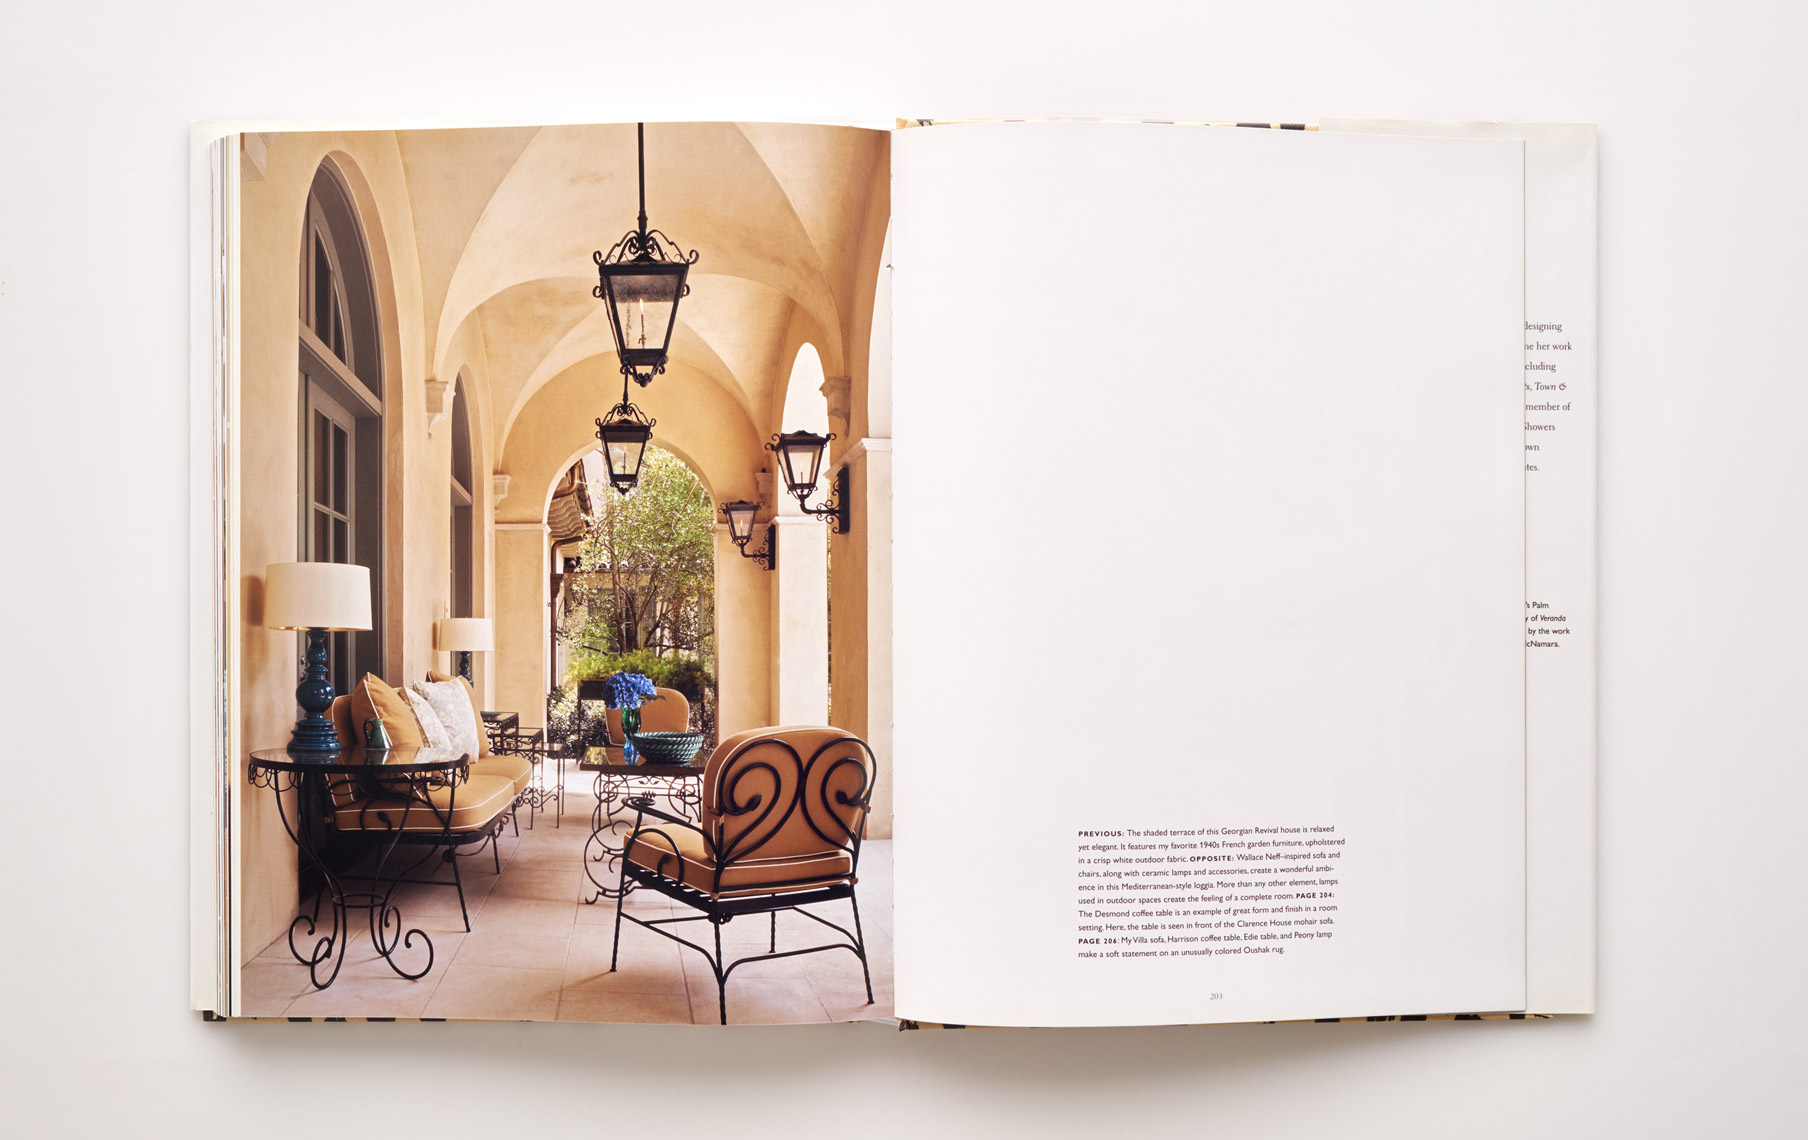 Stephen Karlisch Jan Showers Glamorous Rooms Loggia